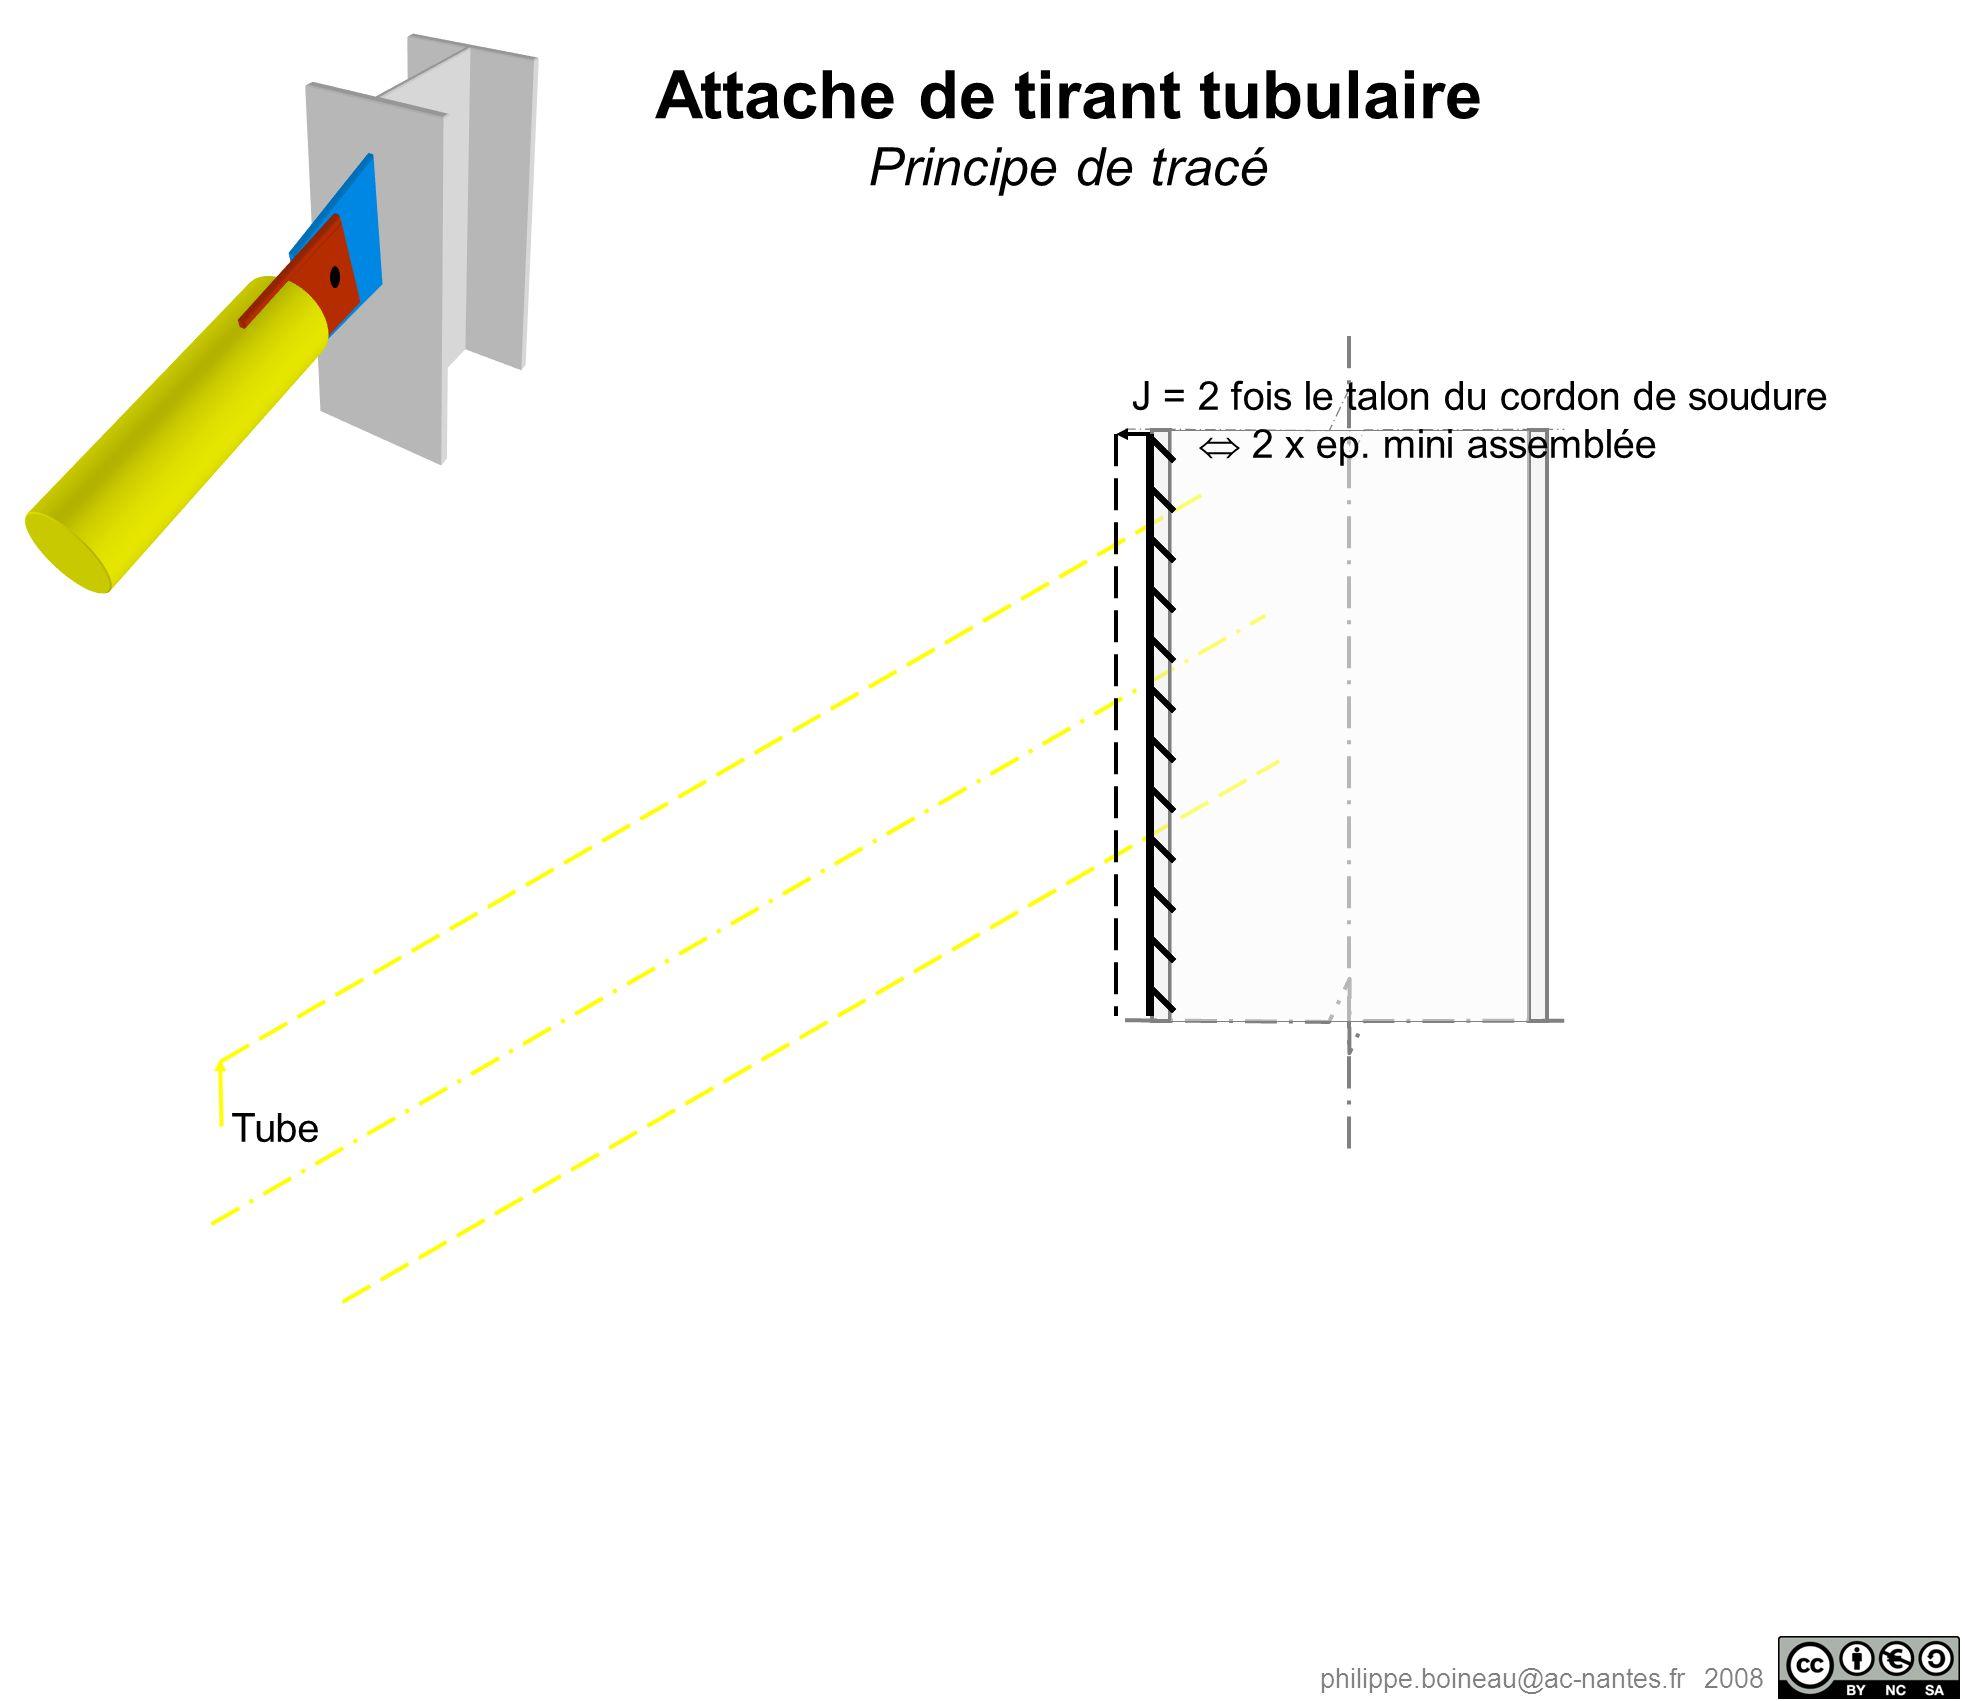 philippe.boineau@ac-nantes.fr 2008 Attache de tirant tubulaire Principe de tracé Tube J = 2 fois le talon du cordon de soudure 2 x ep. mini assemblée